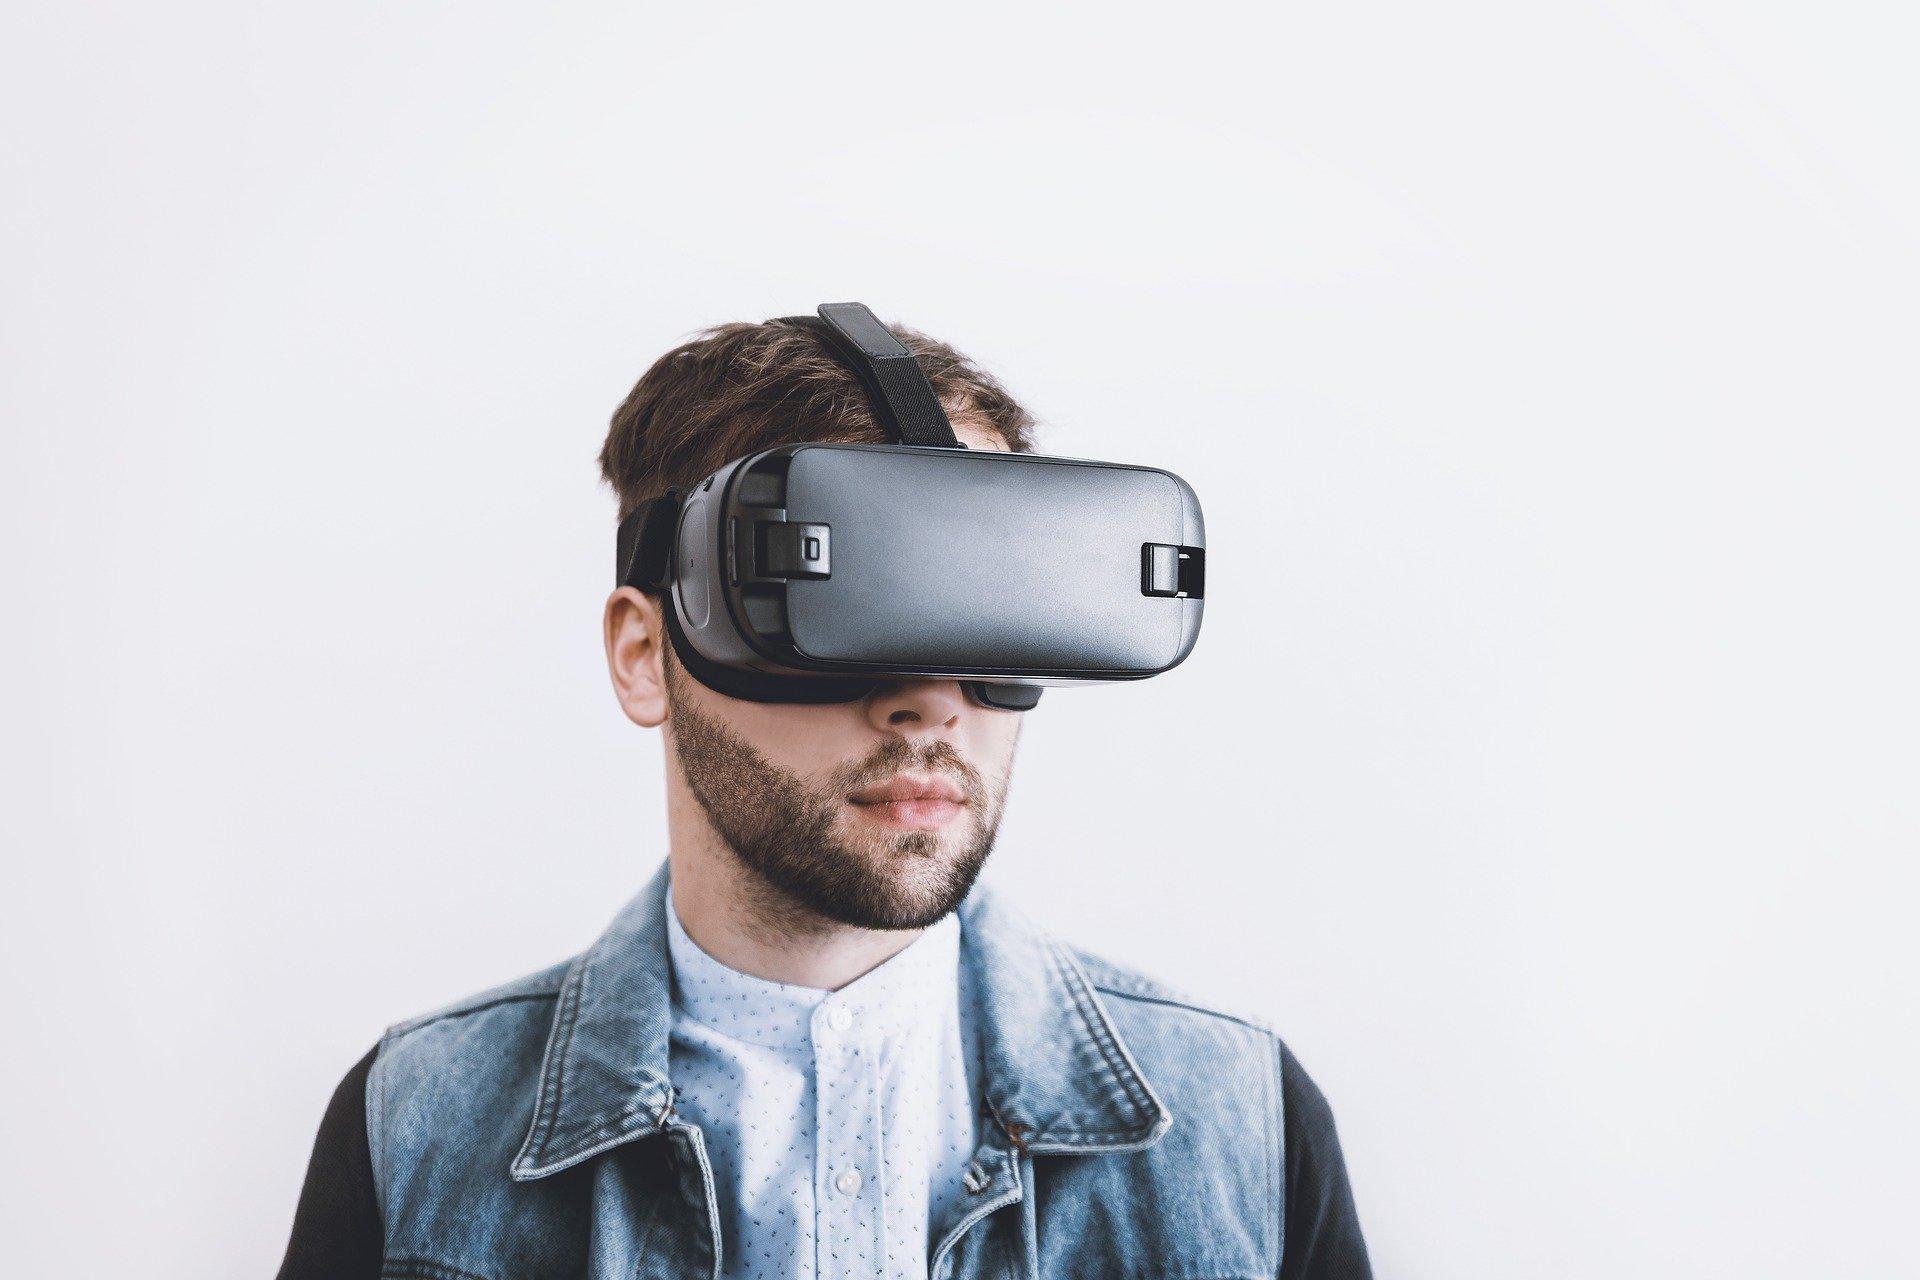 Realidad virtual: una forma original de potenciar la comunicación interna